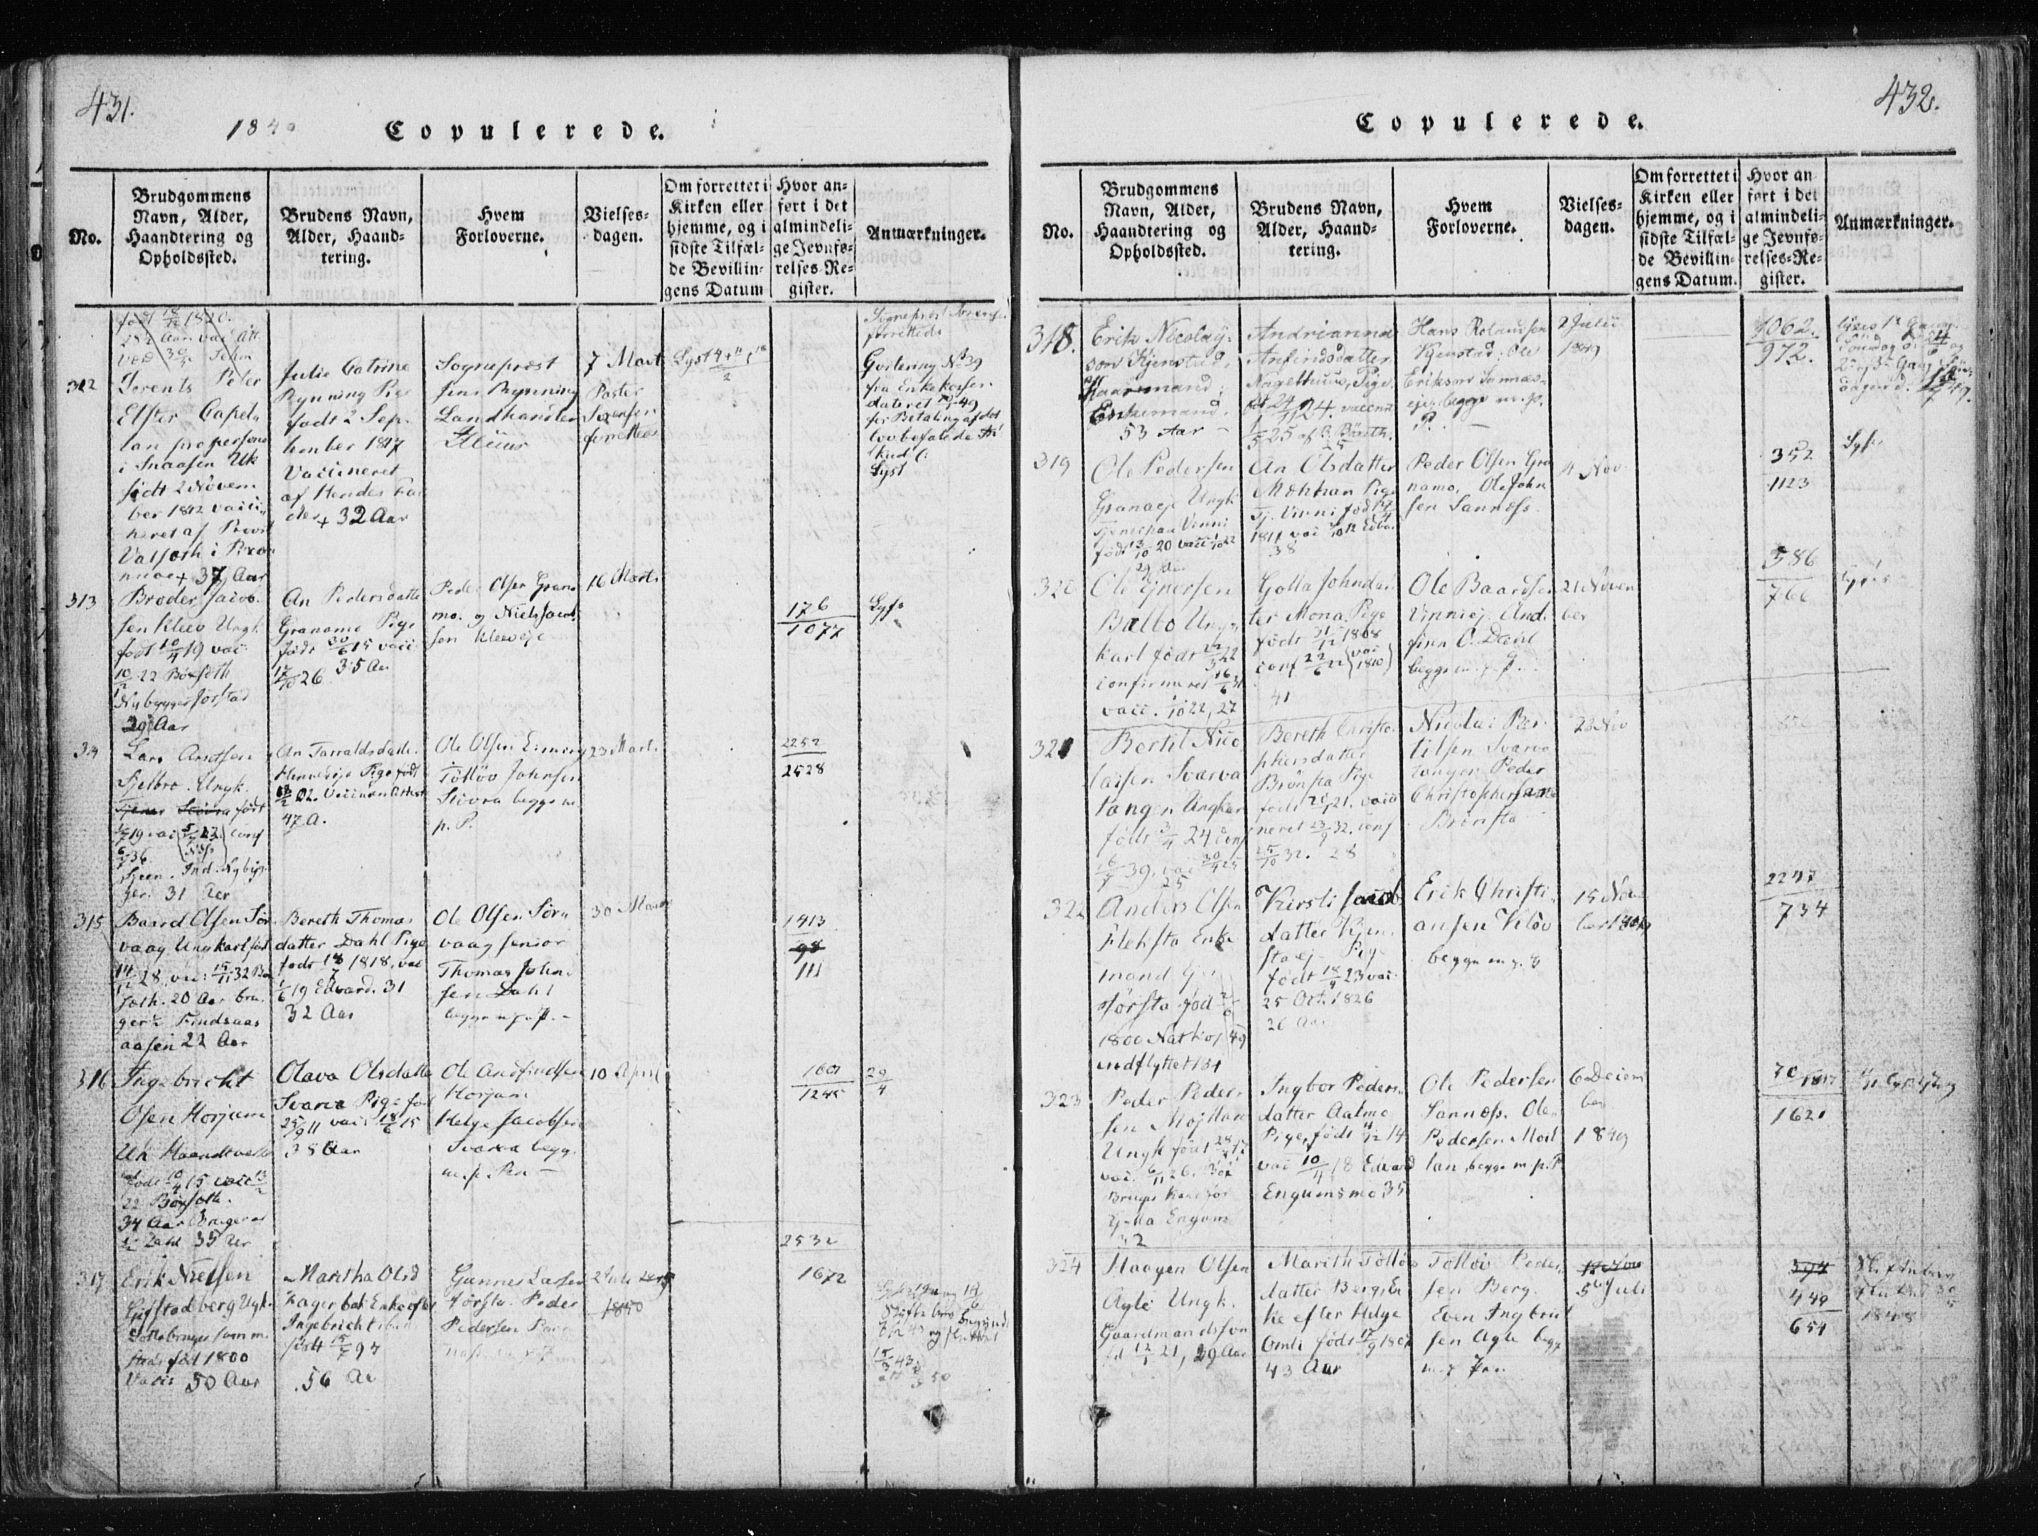 SAT, Ministerialprotokoller, klokkerbøker og fødselsregistre - Nord-Trøndelag, 749/L0469: Ministerialbok nr. 749A03, 1817-1857, s. 431-432